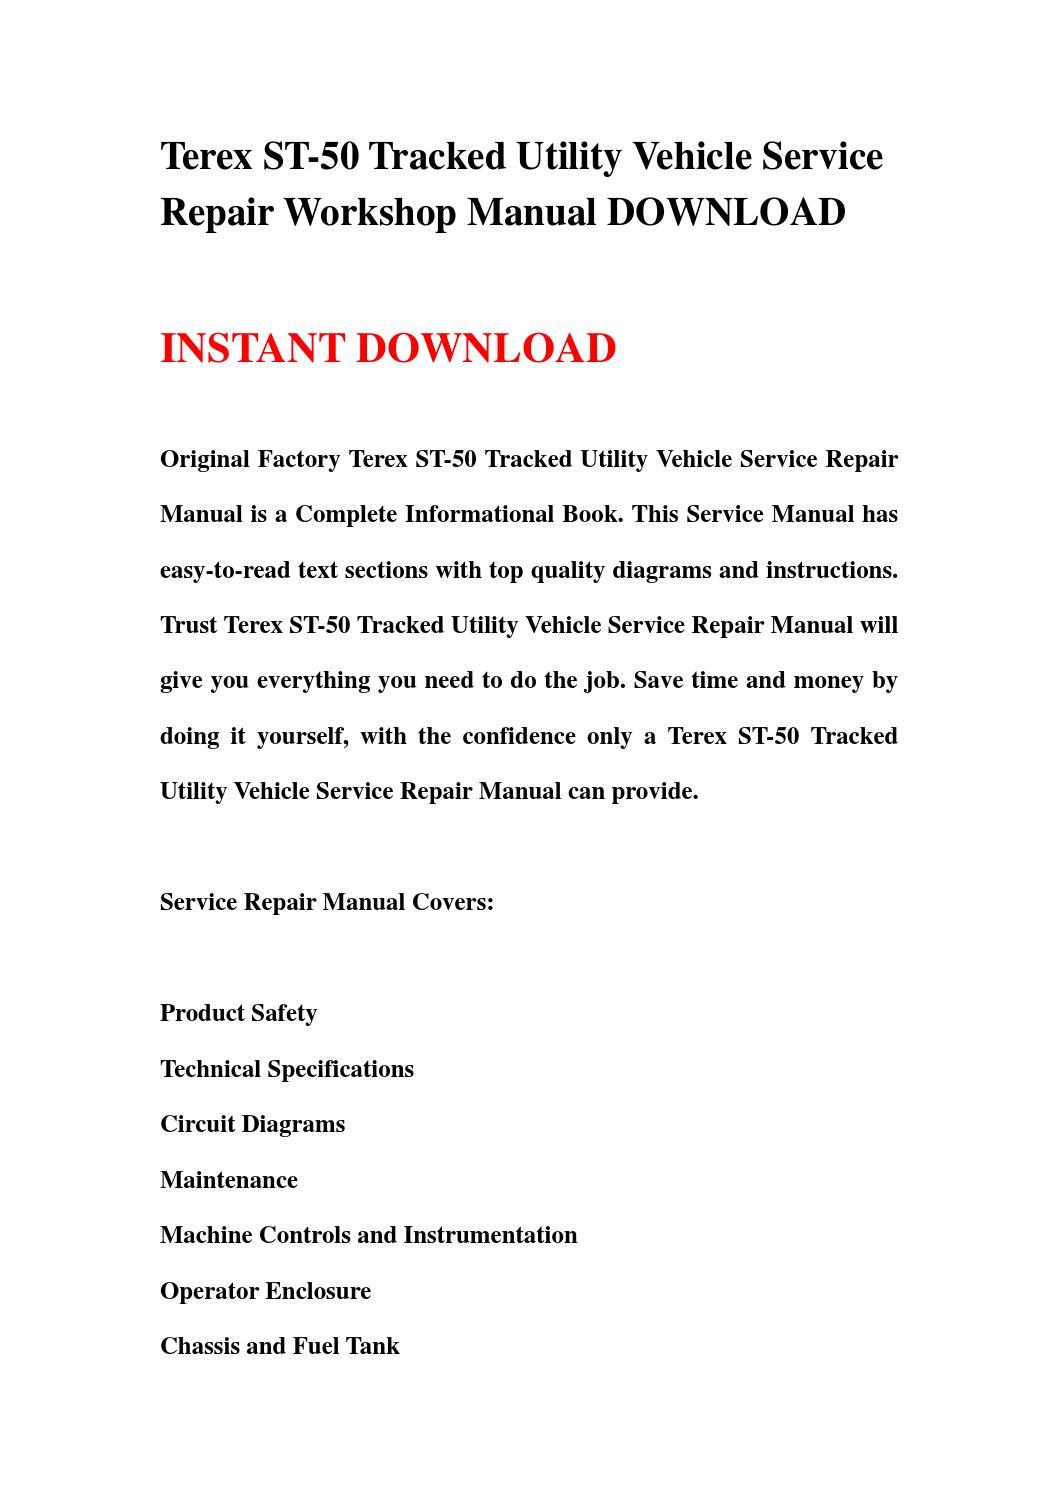 Terex St 50 Tracked Utility Vehicle Service Repair Workshop Manual Download By Kkjgdr7uud